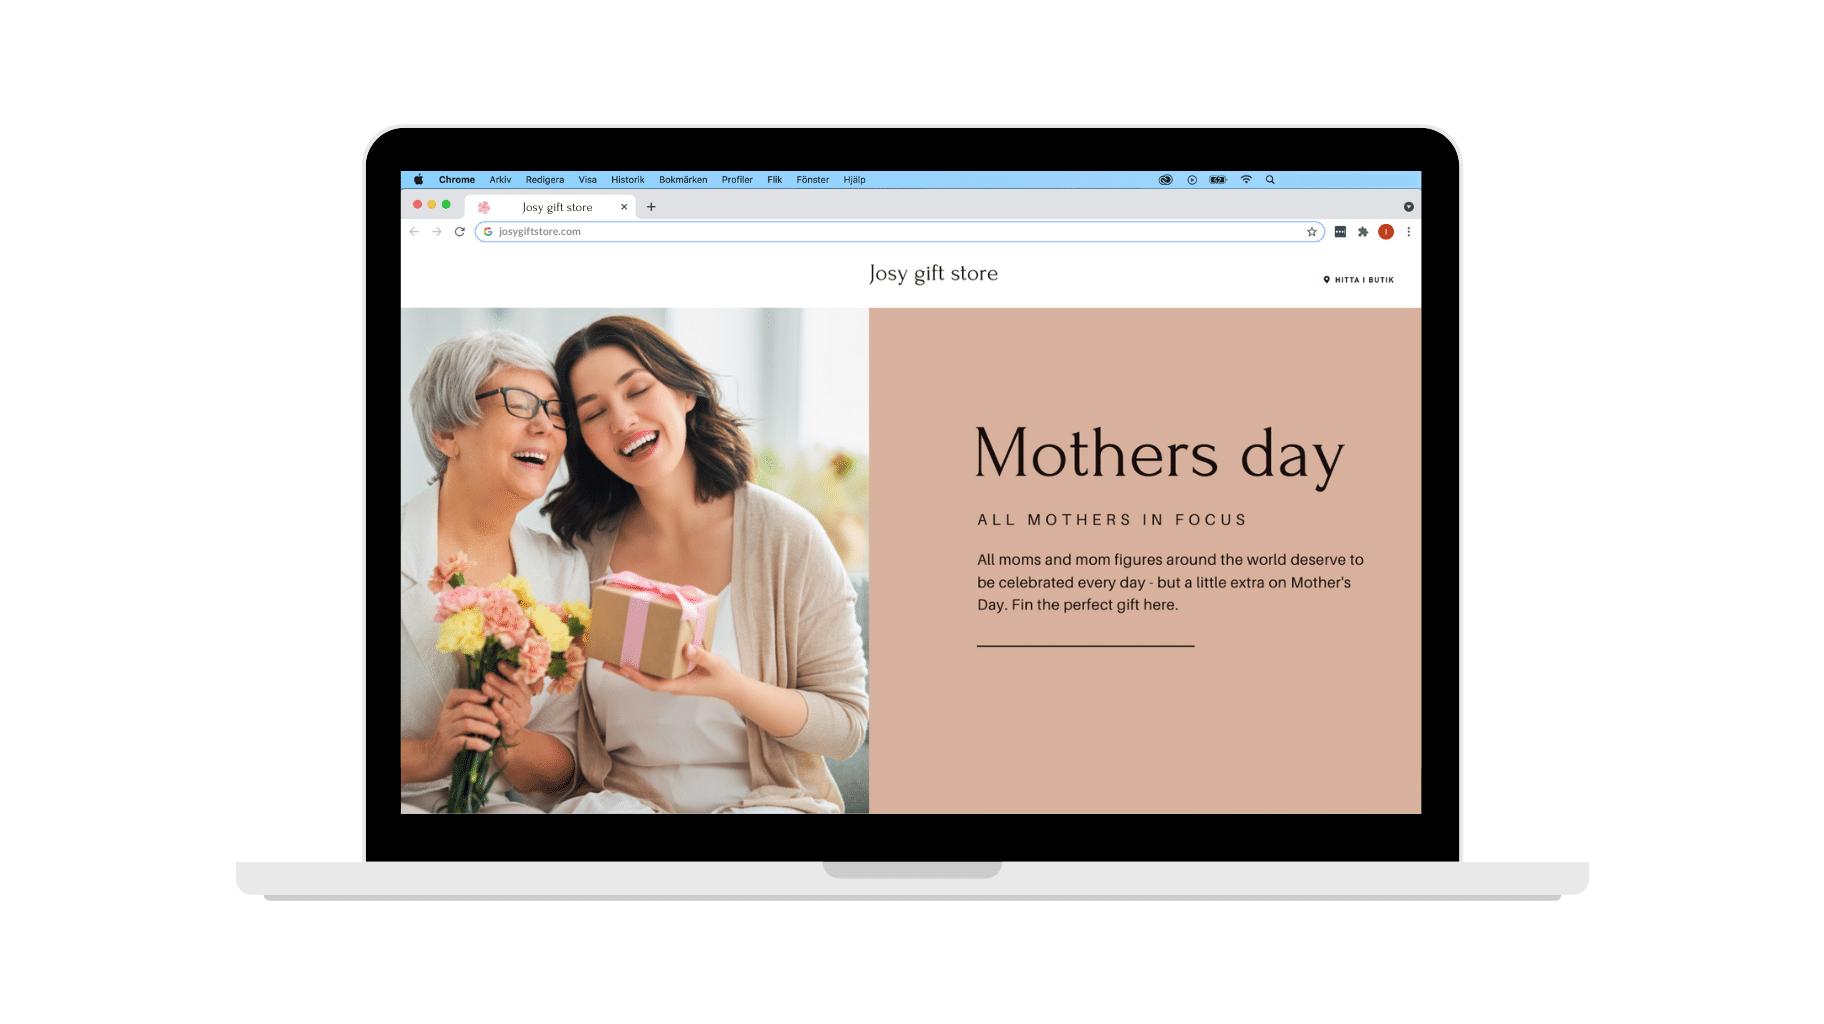 mors dag